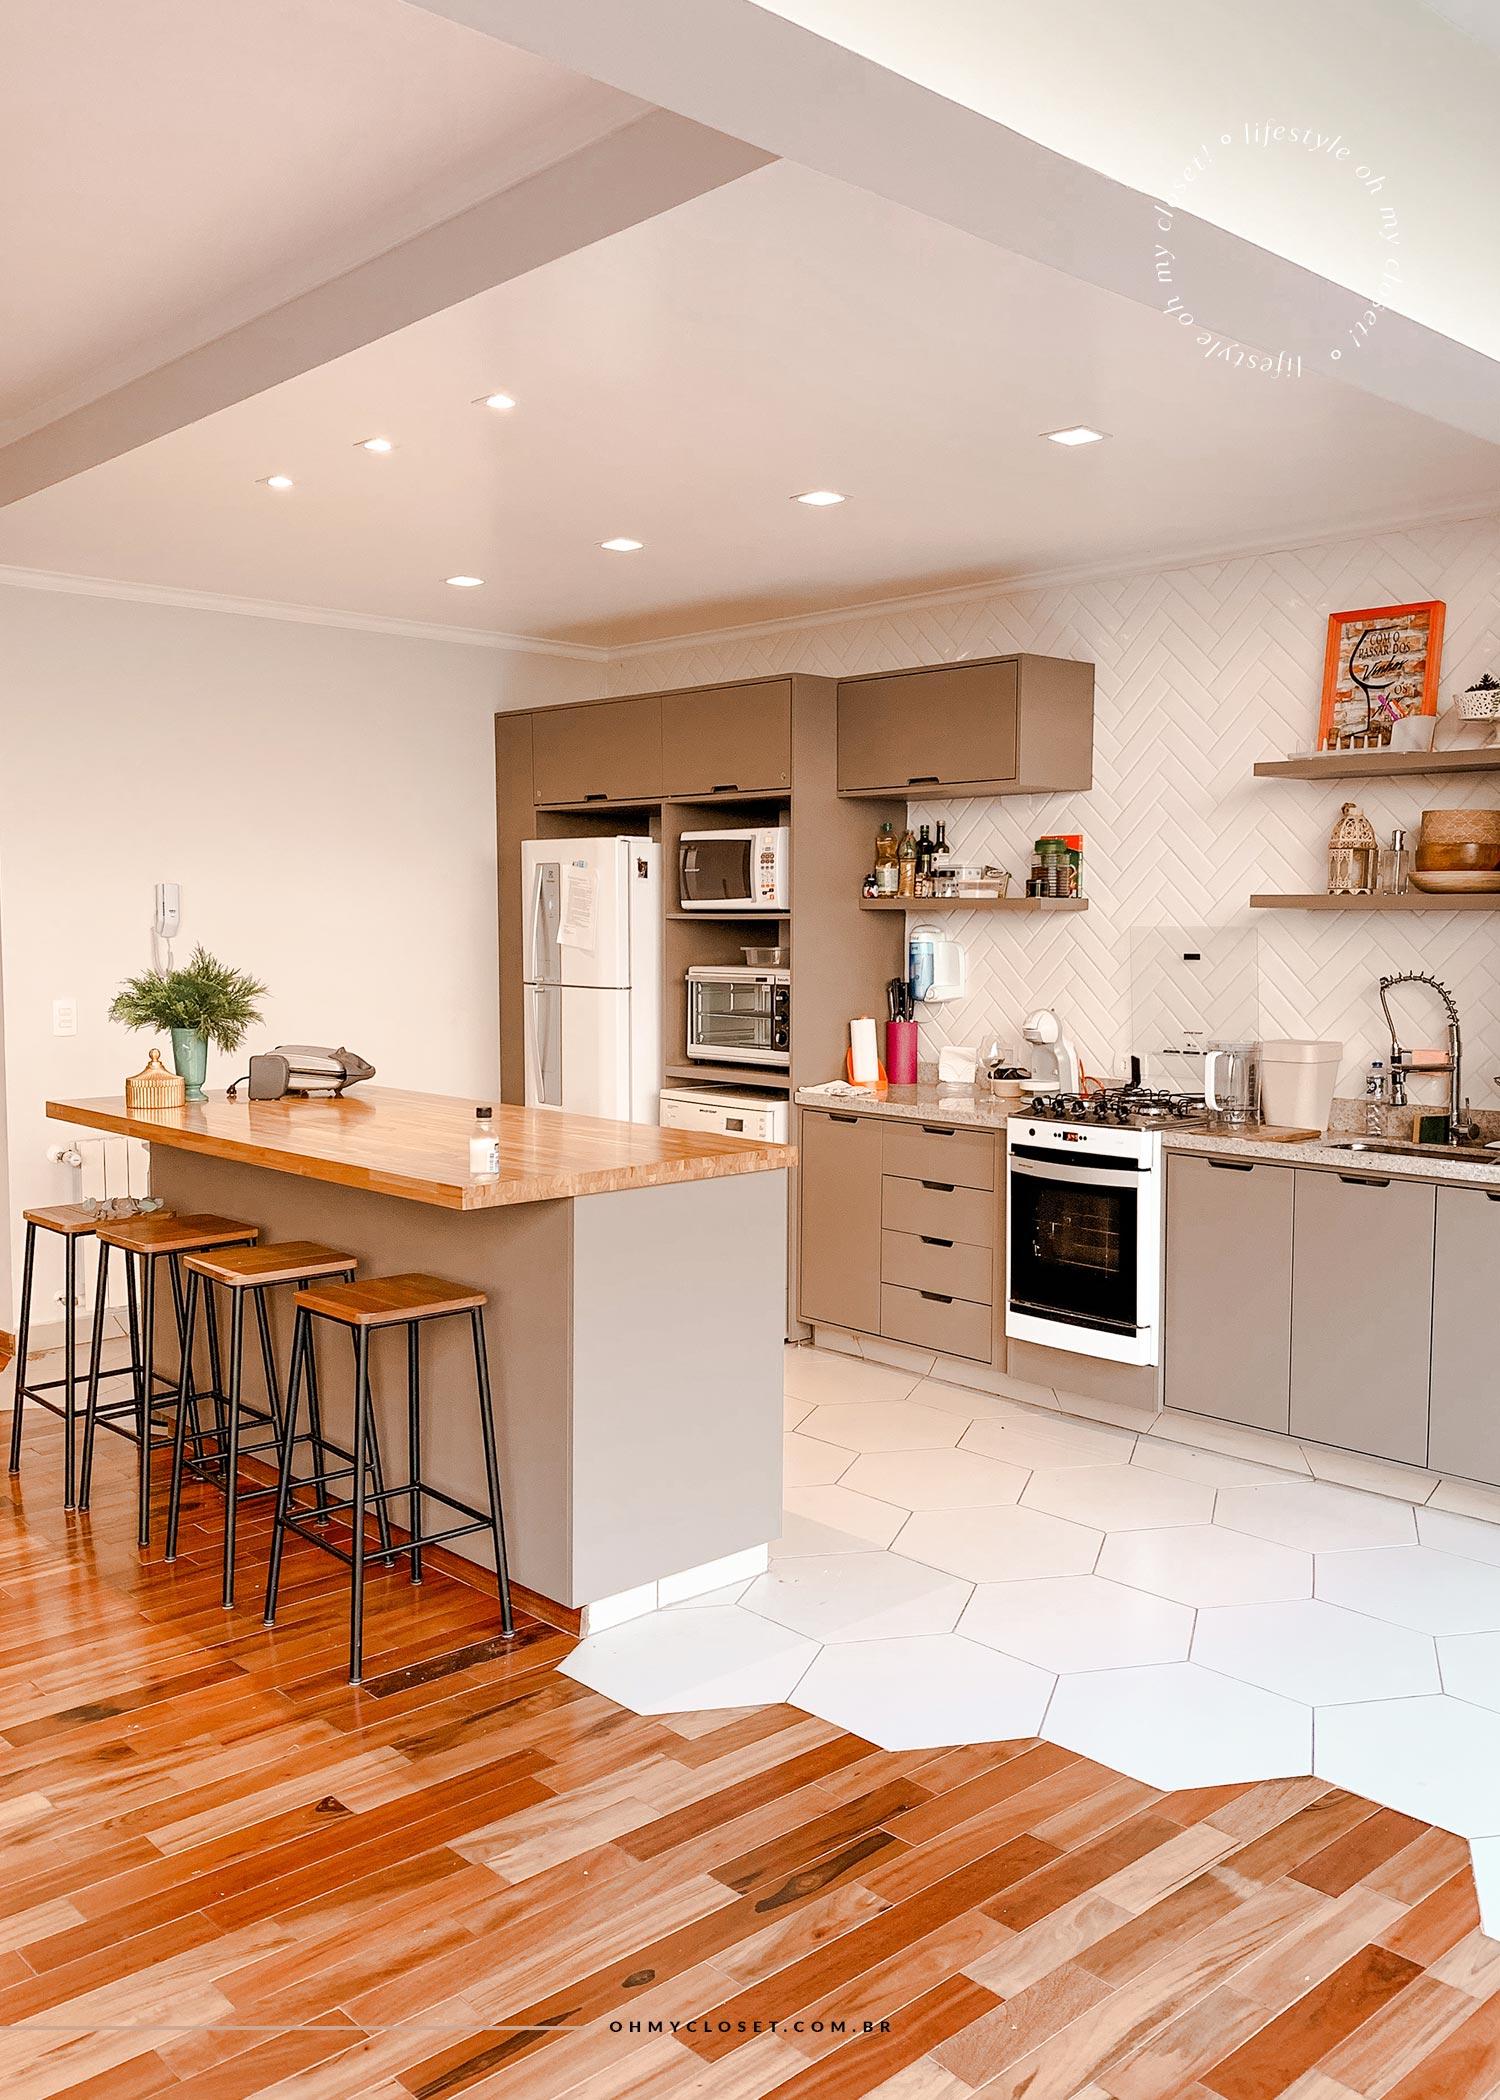 Cozinha apartamento AirBnB Campos do Jordão